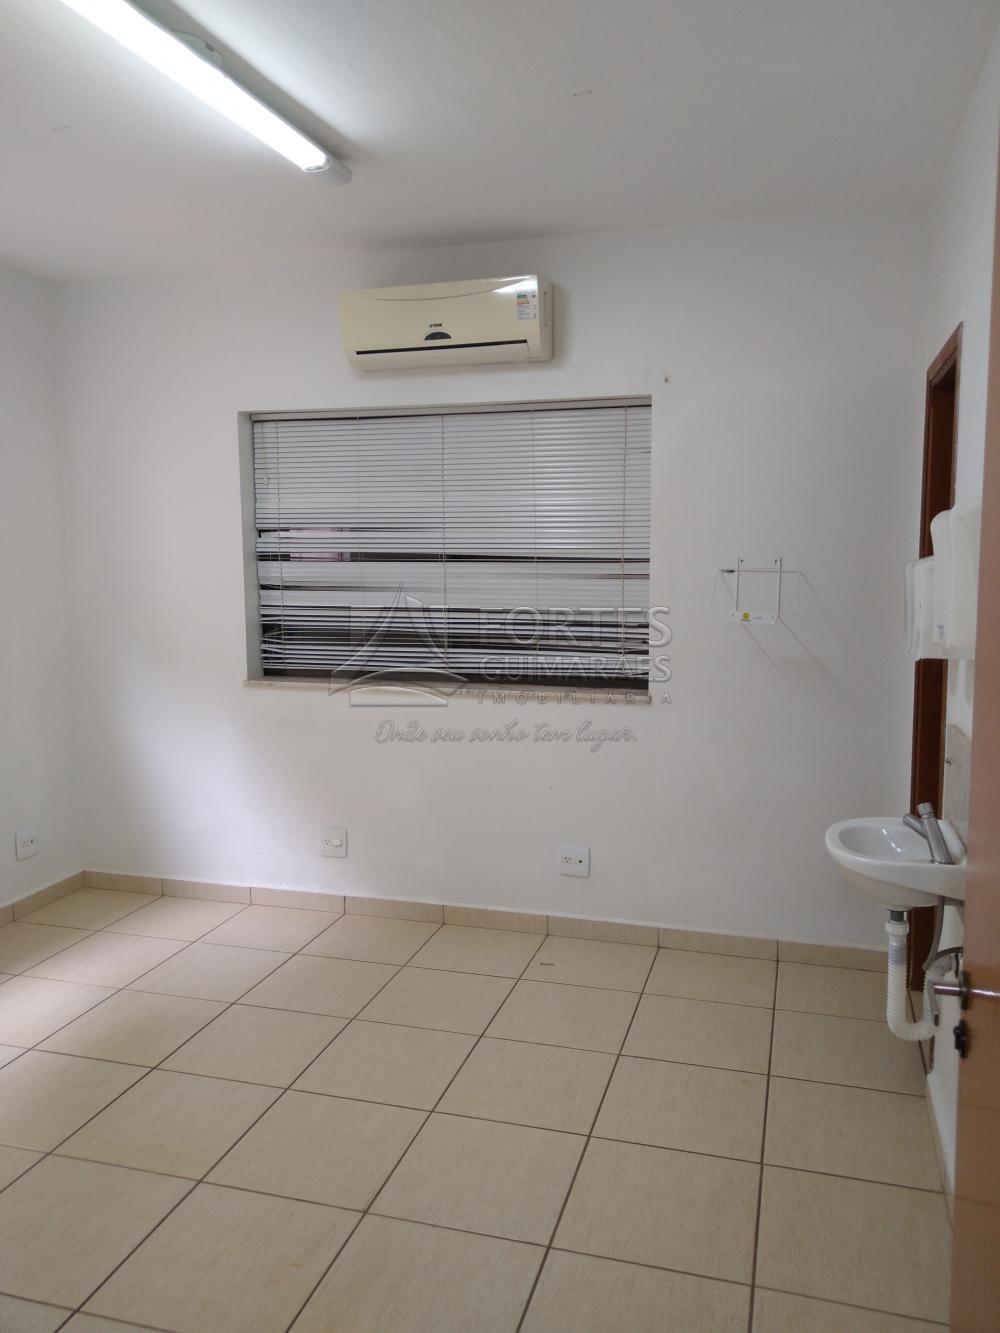 Alugar Comercial / Imóvel Comercial em Ribeirão Preto apenas R$ 12.000,00 - Foto 55